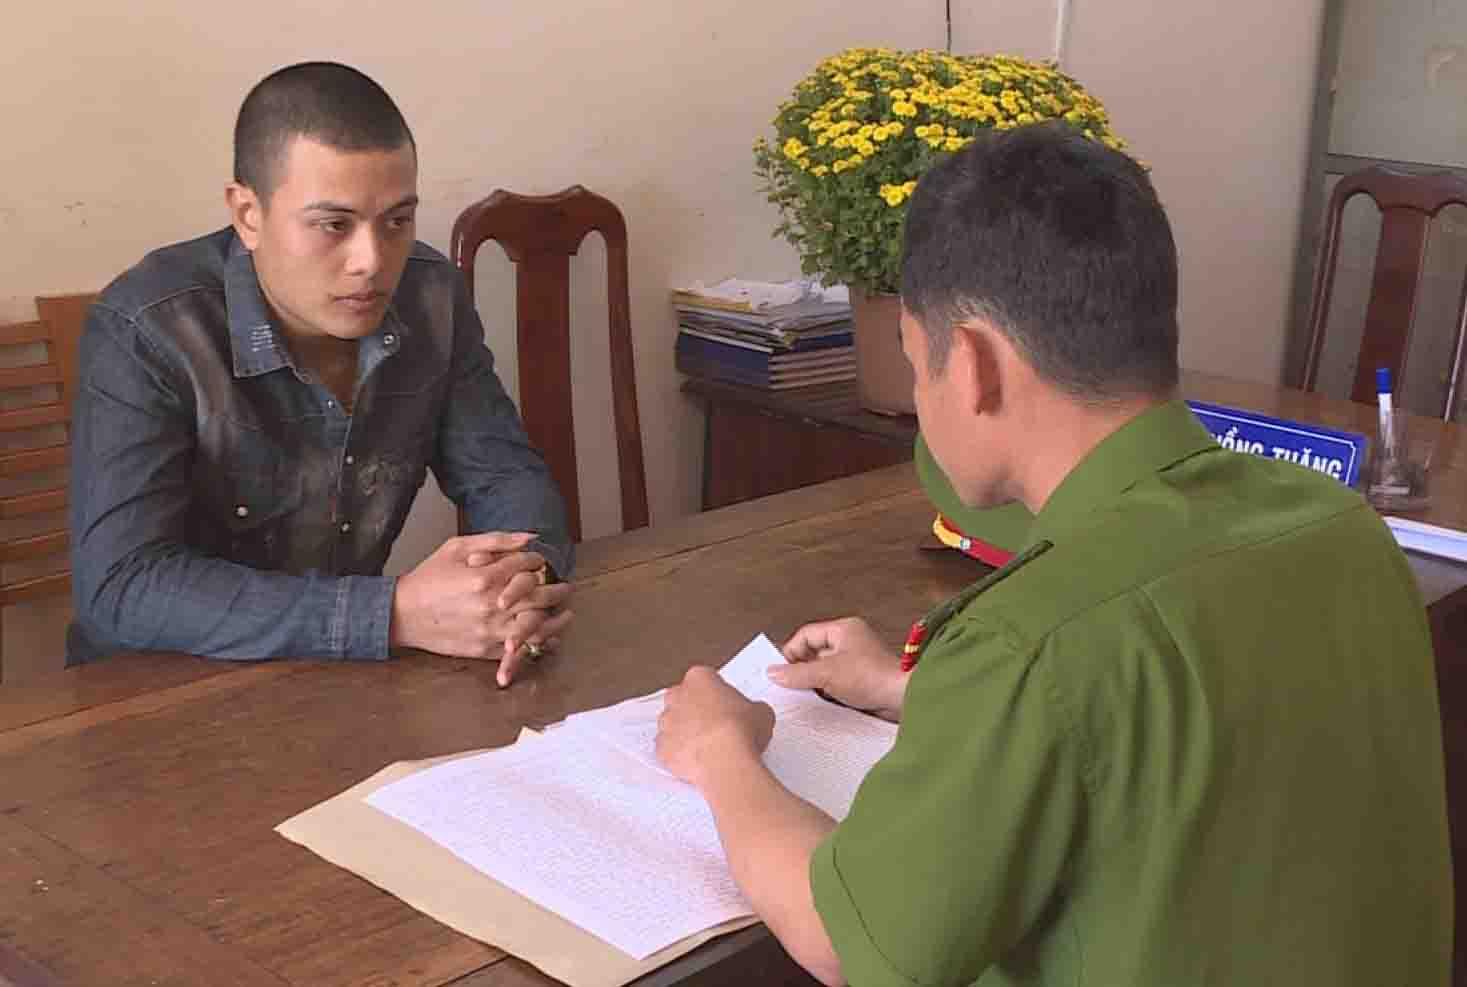 Đắk Lắk: Khởi tố đối tượng cho vay nặng lãi hù dọa người vay nợ